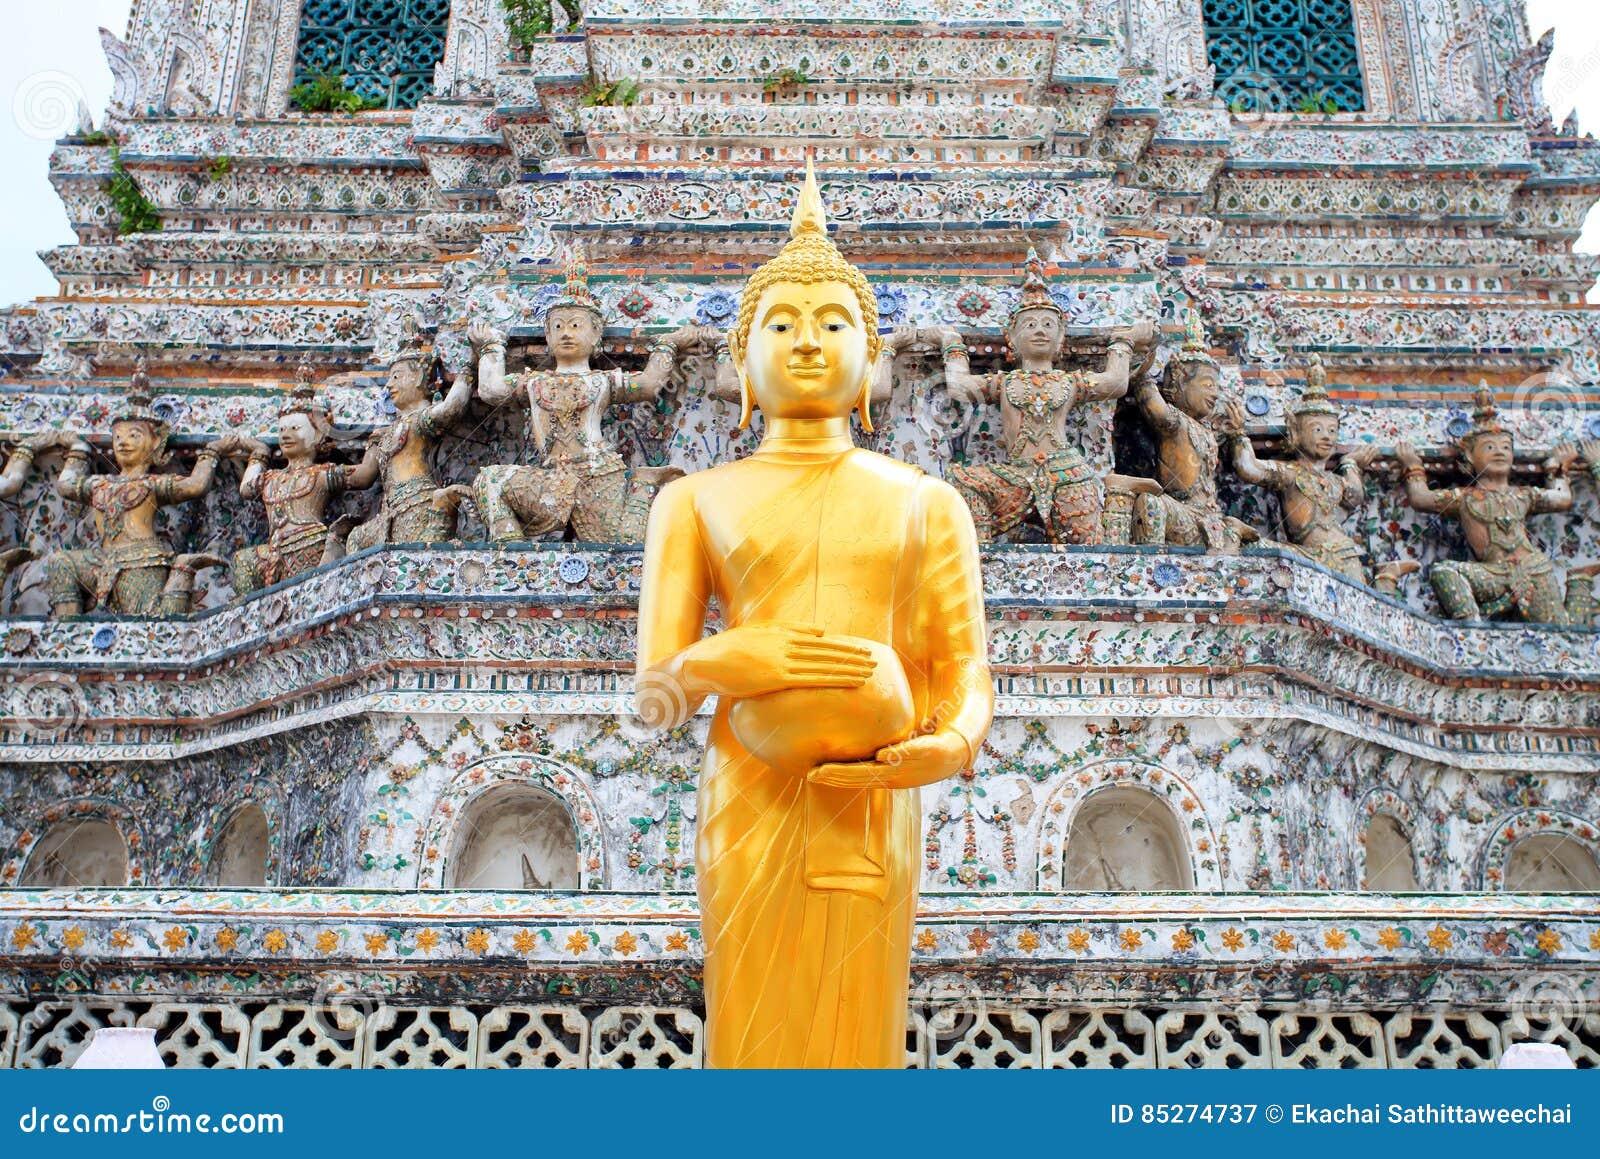 Statua di Buddha in Wat Arun Thailand